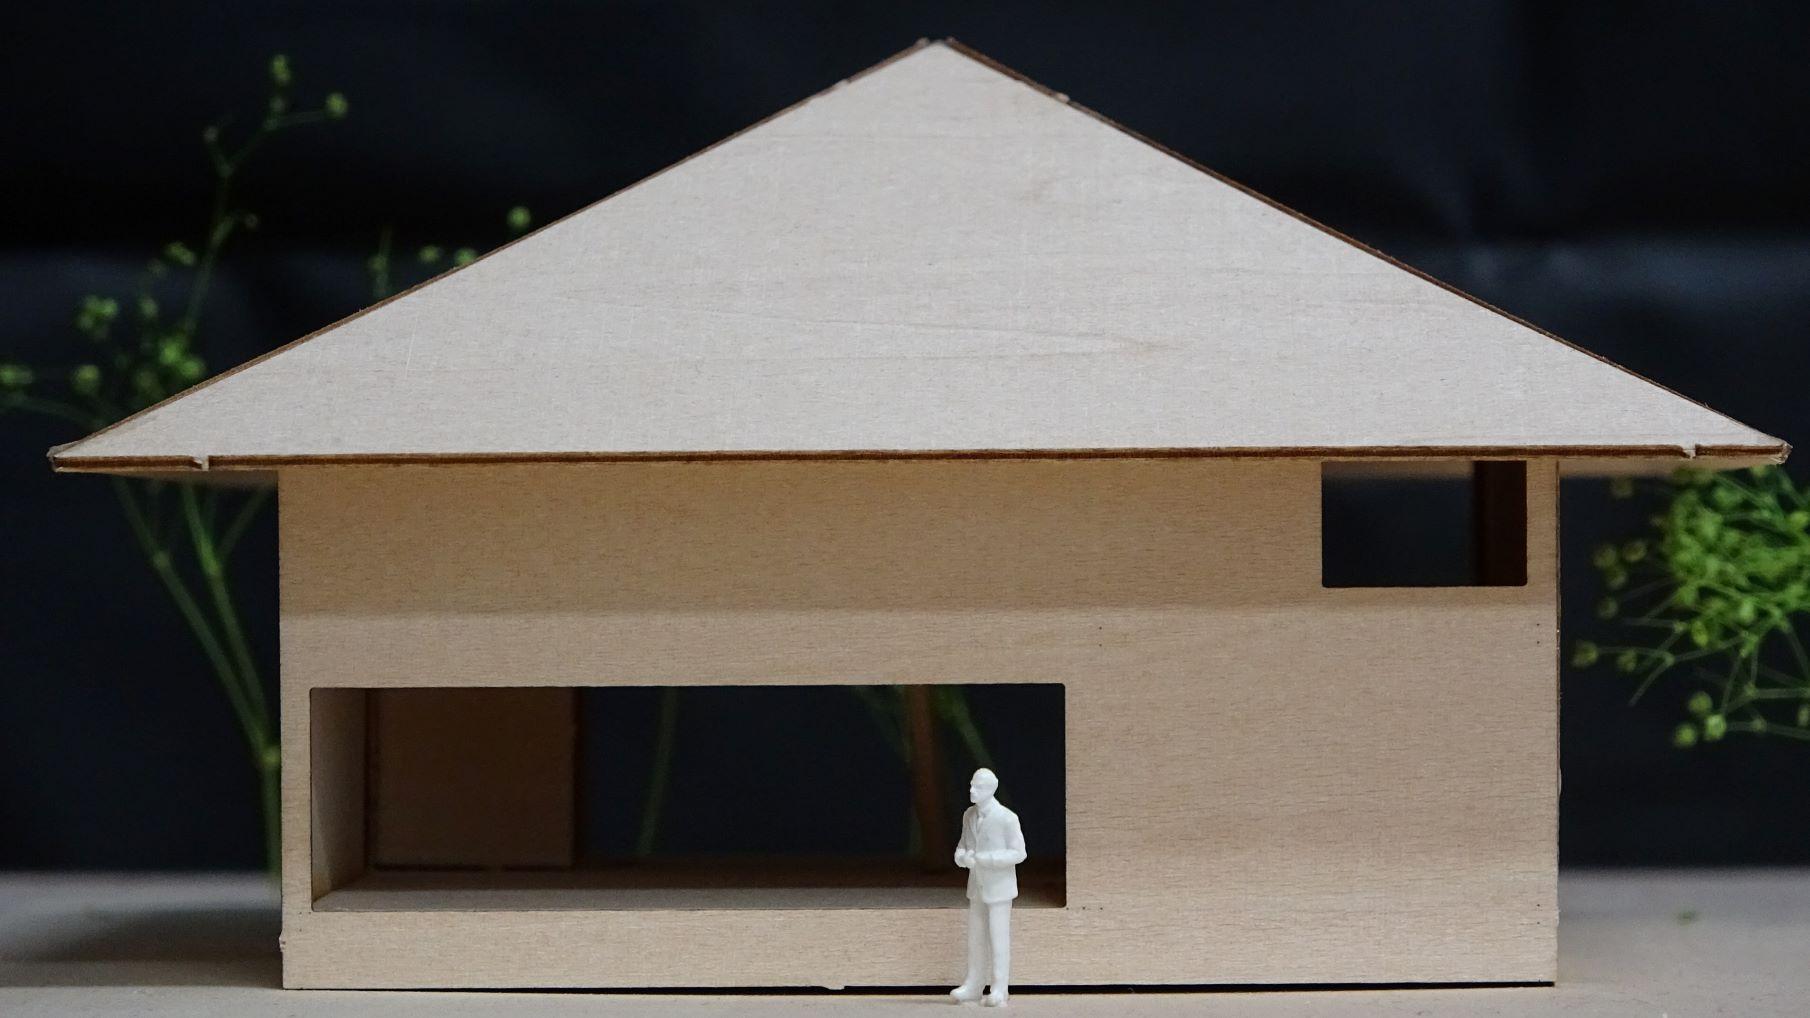 住宅建築模型制作 篠原一男 白の家